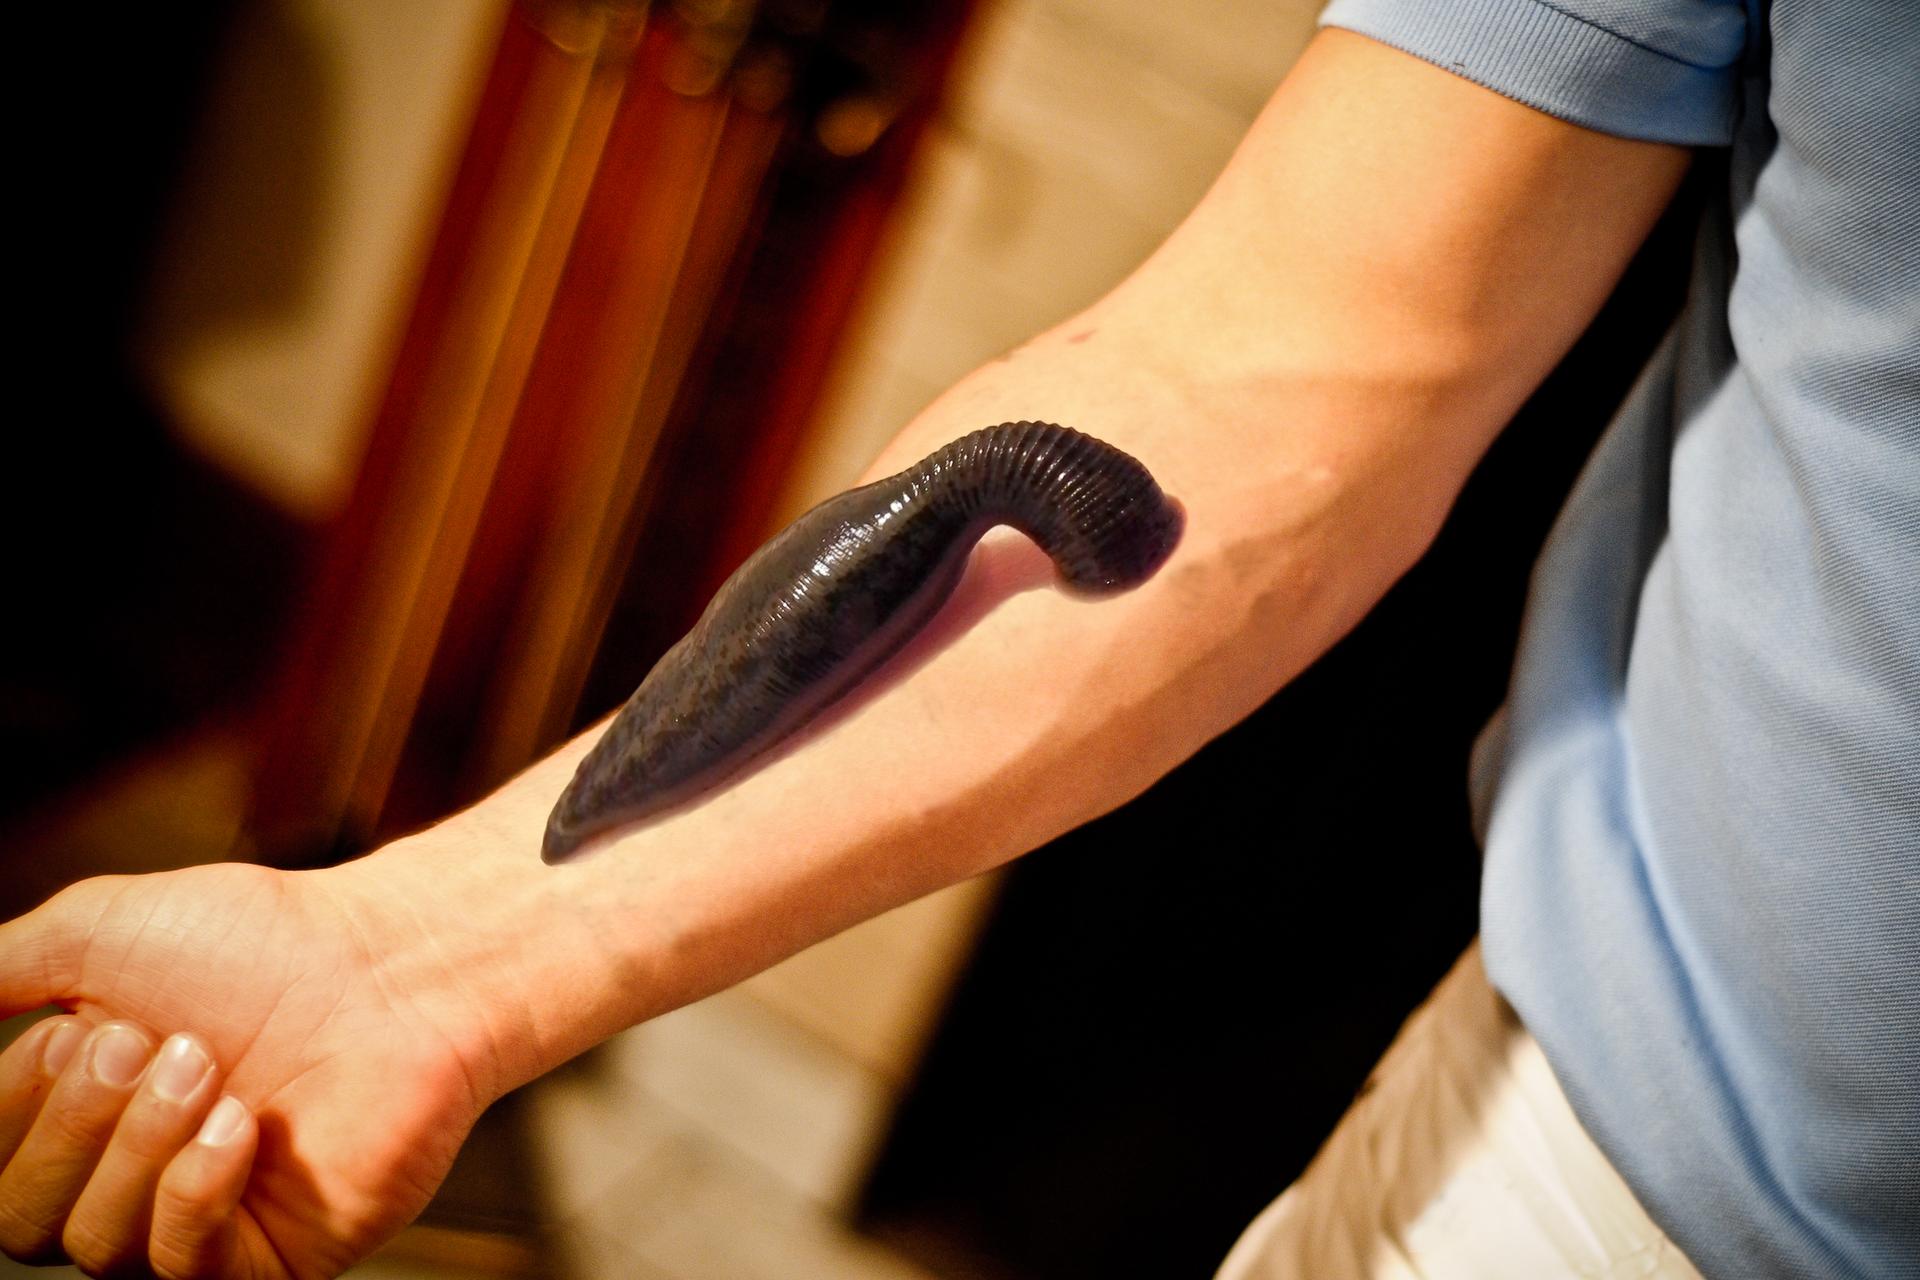 Fotografia przedstawia rękę człowieka zprzyssaną pijawką amazońską. Pijawka jest duża, ciemnobrązowa izgrubiała wśrodkowej części.